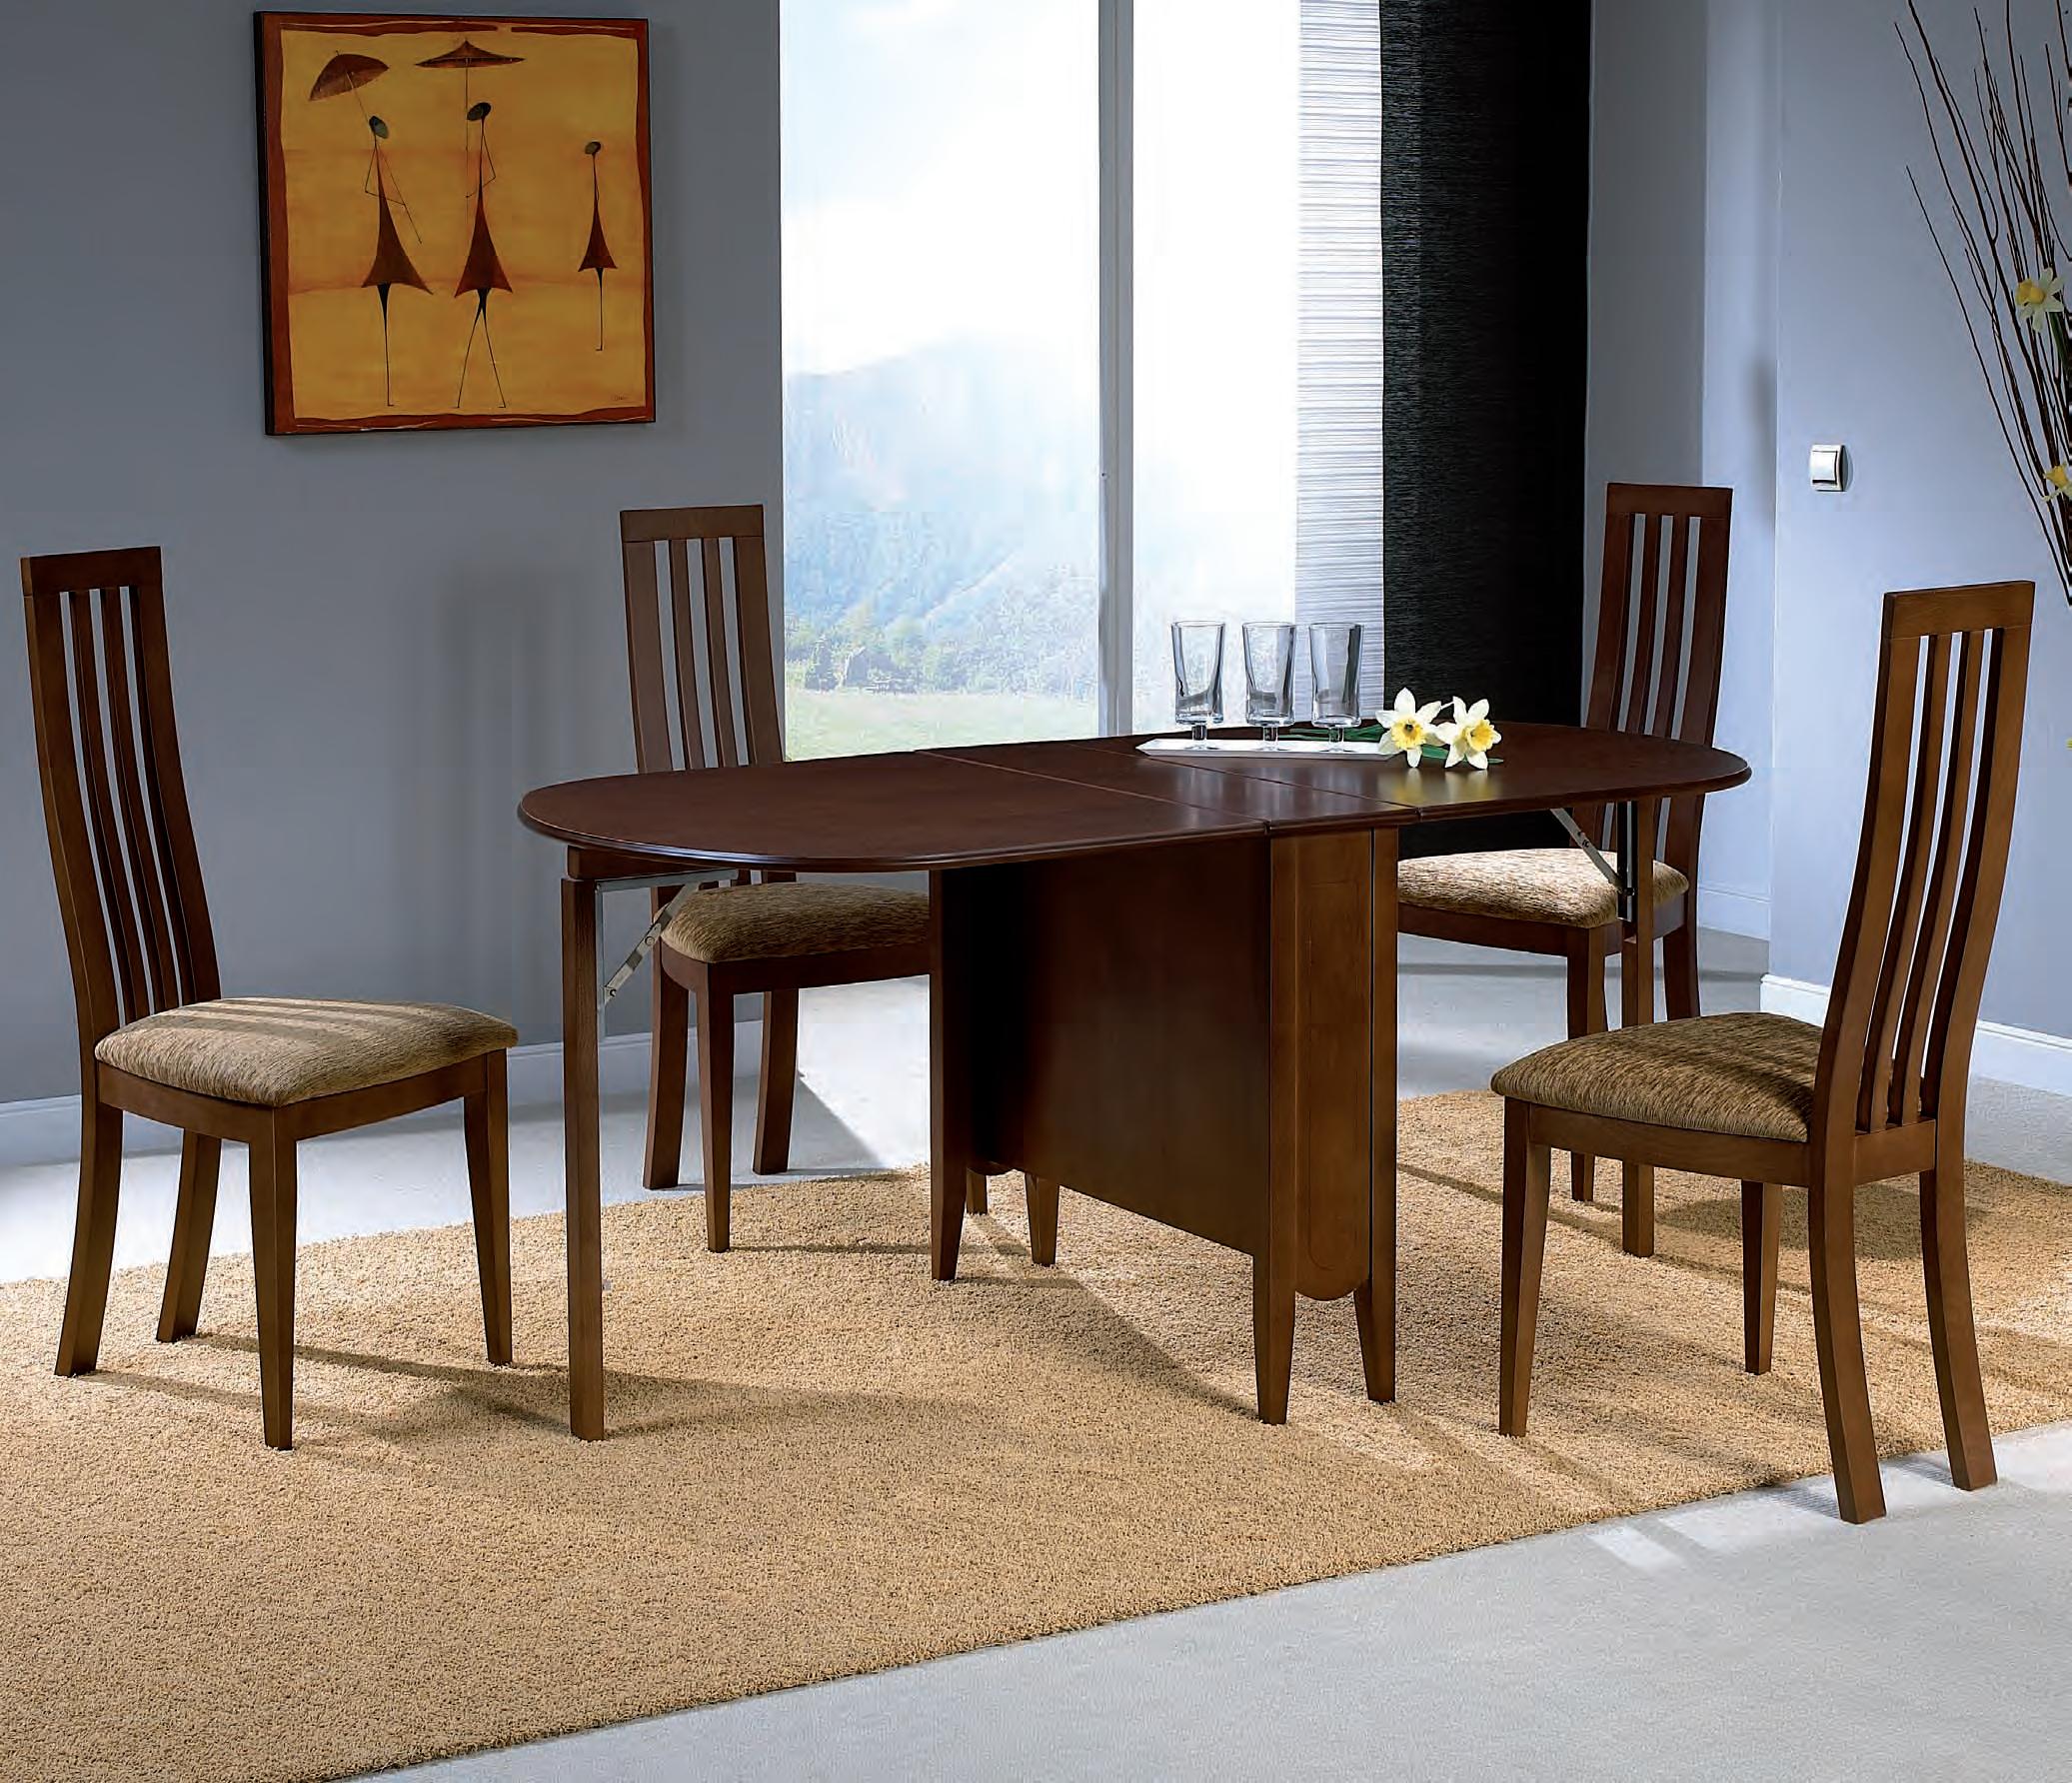 Mesa de alas muebles adama tienda de muebles en madrid for Muebles adama